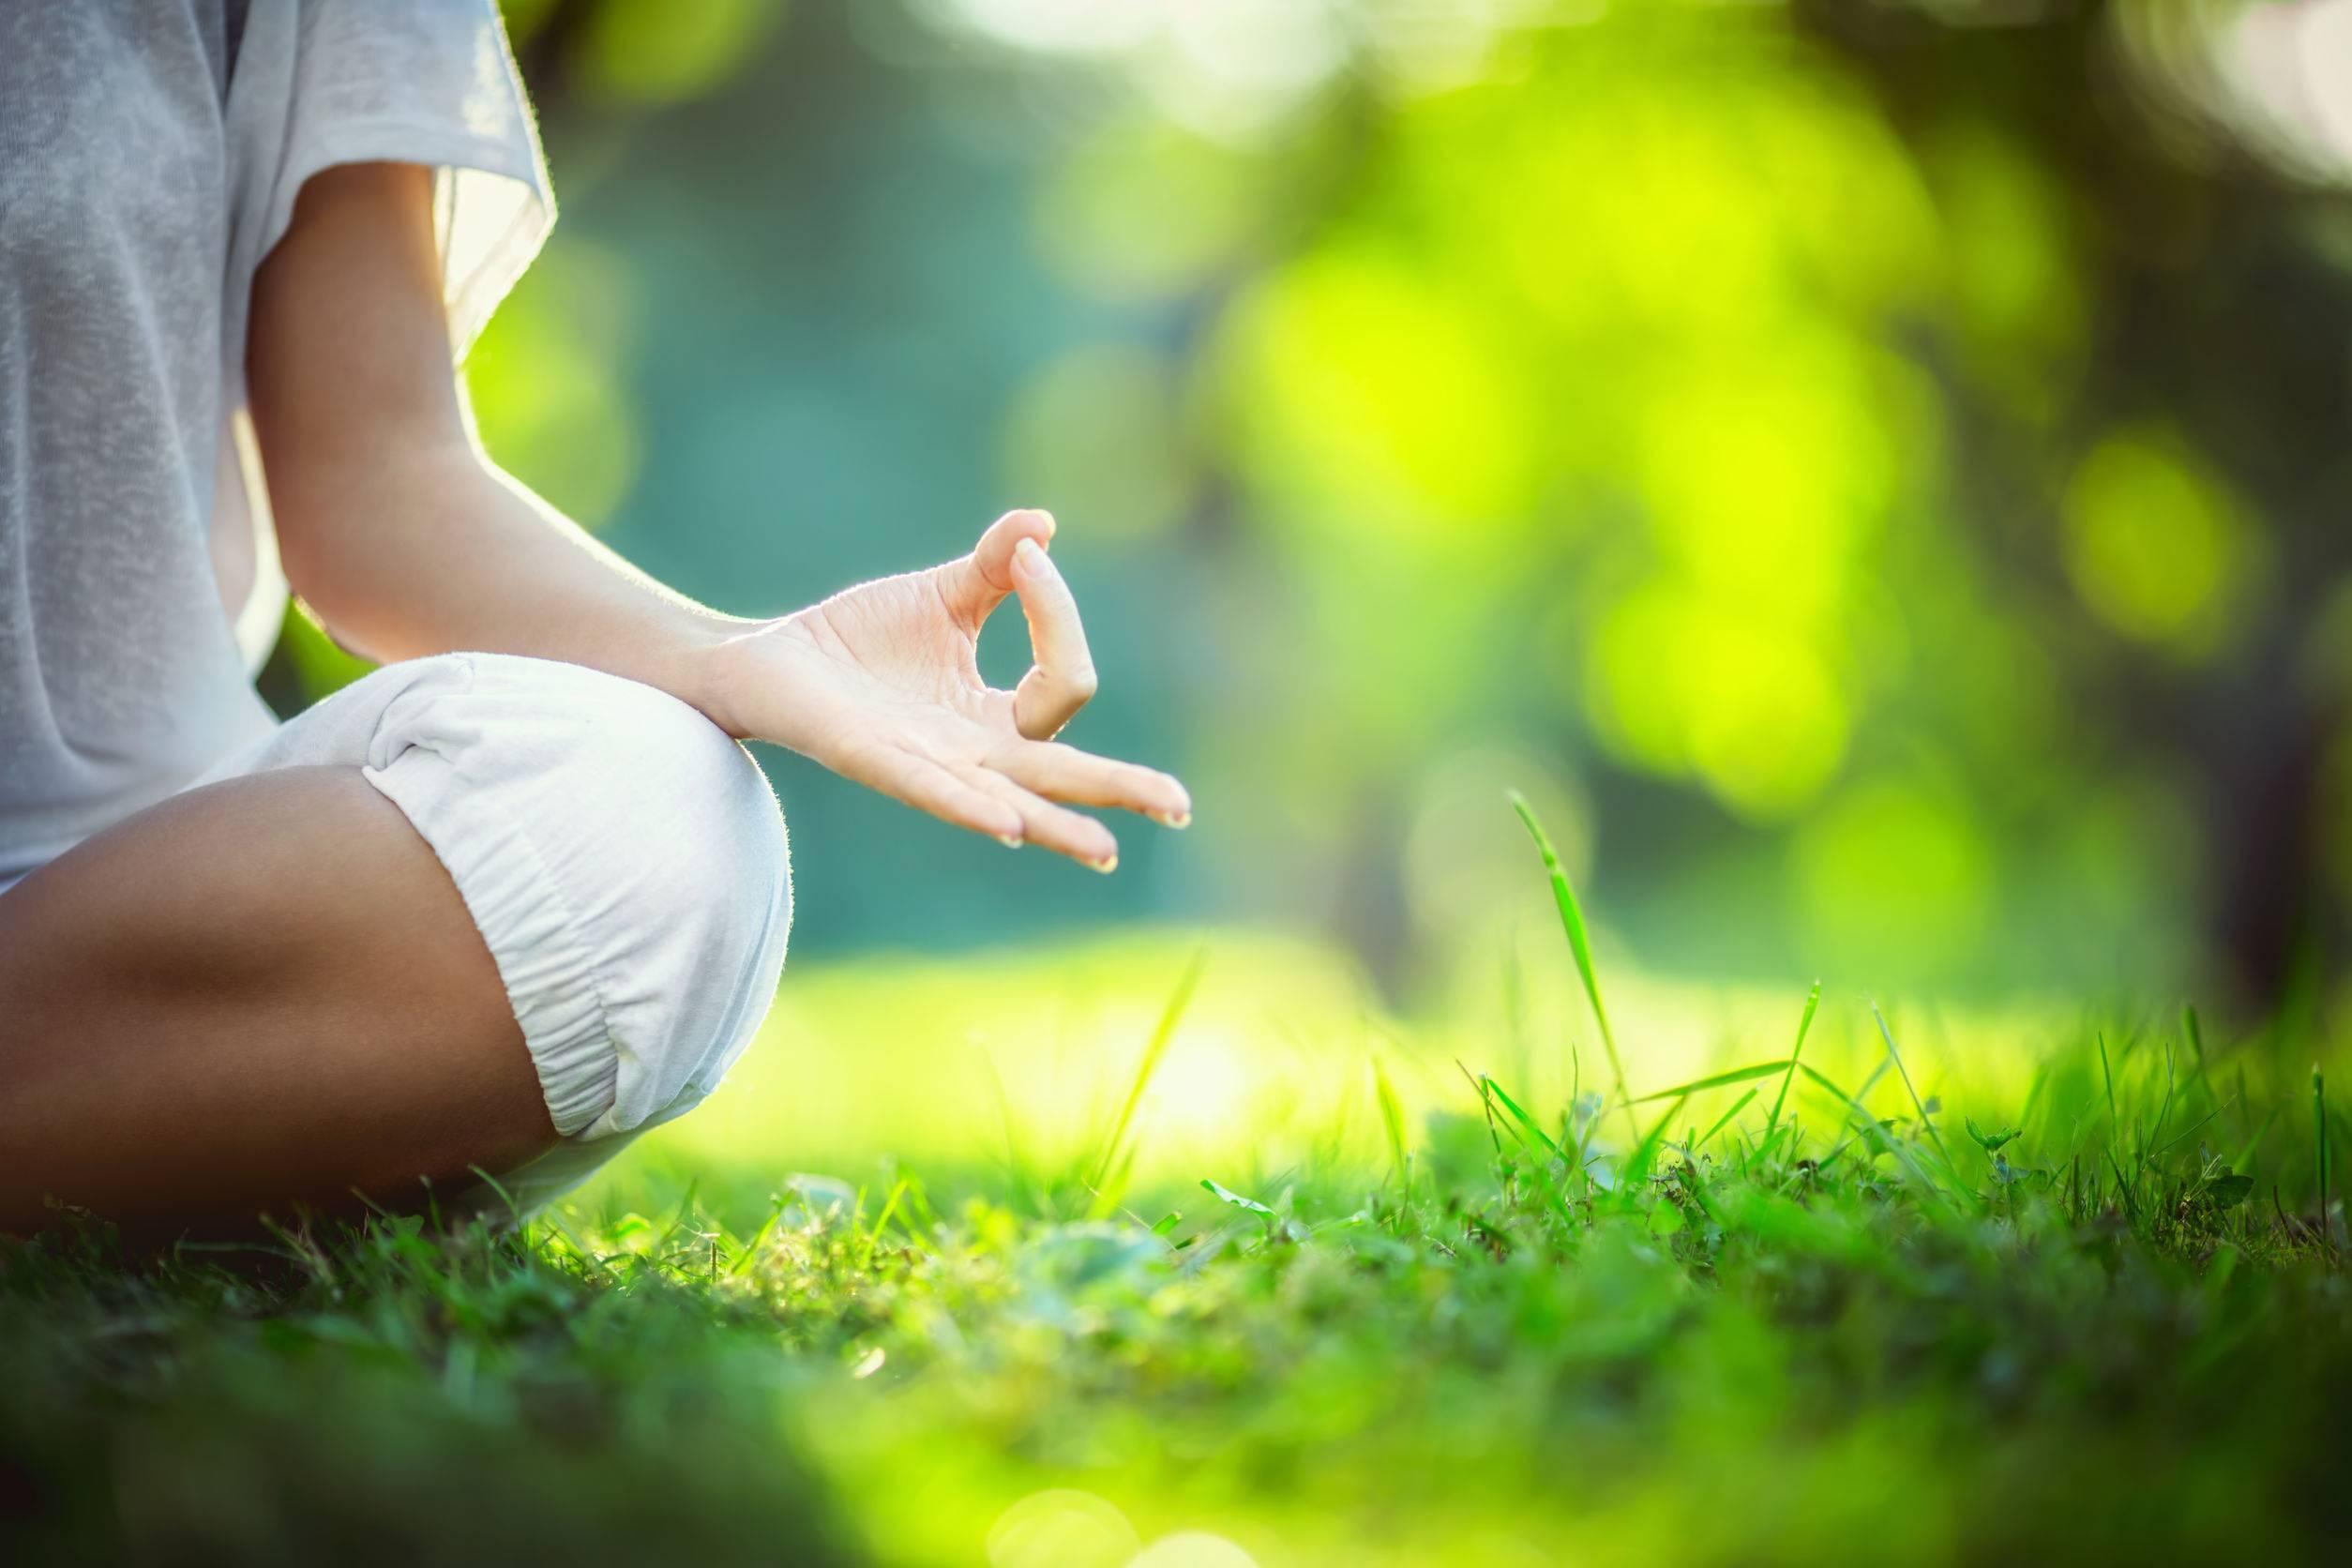 Упражнения для релаксации и снятия эмоционального и мышечного напряжения   блог 4brain